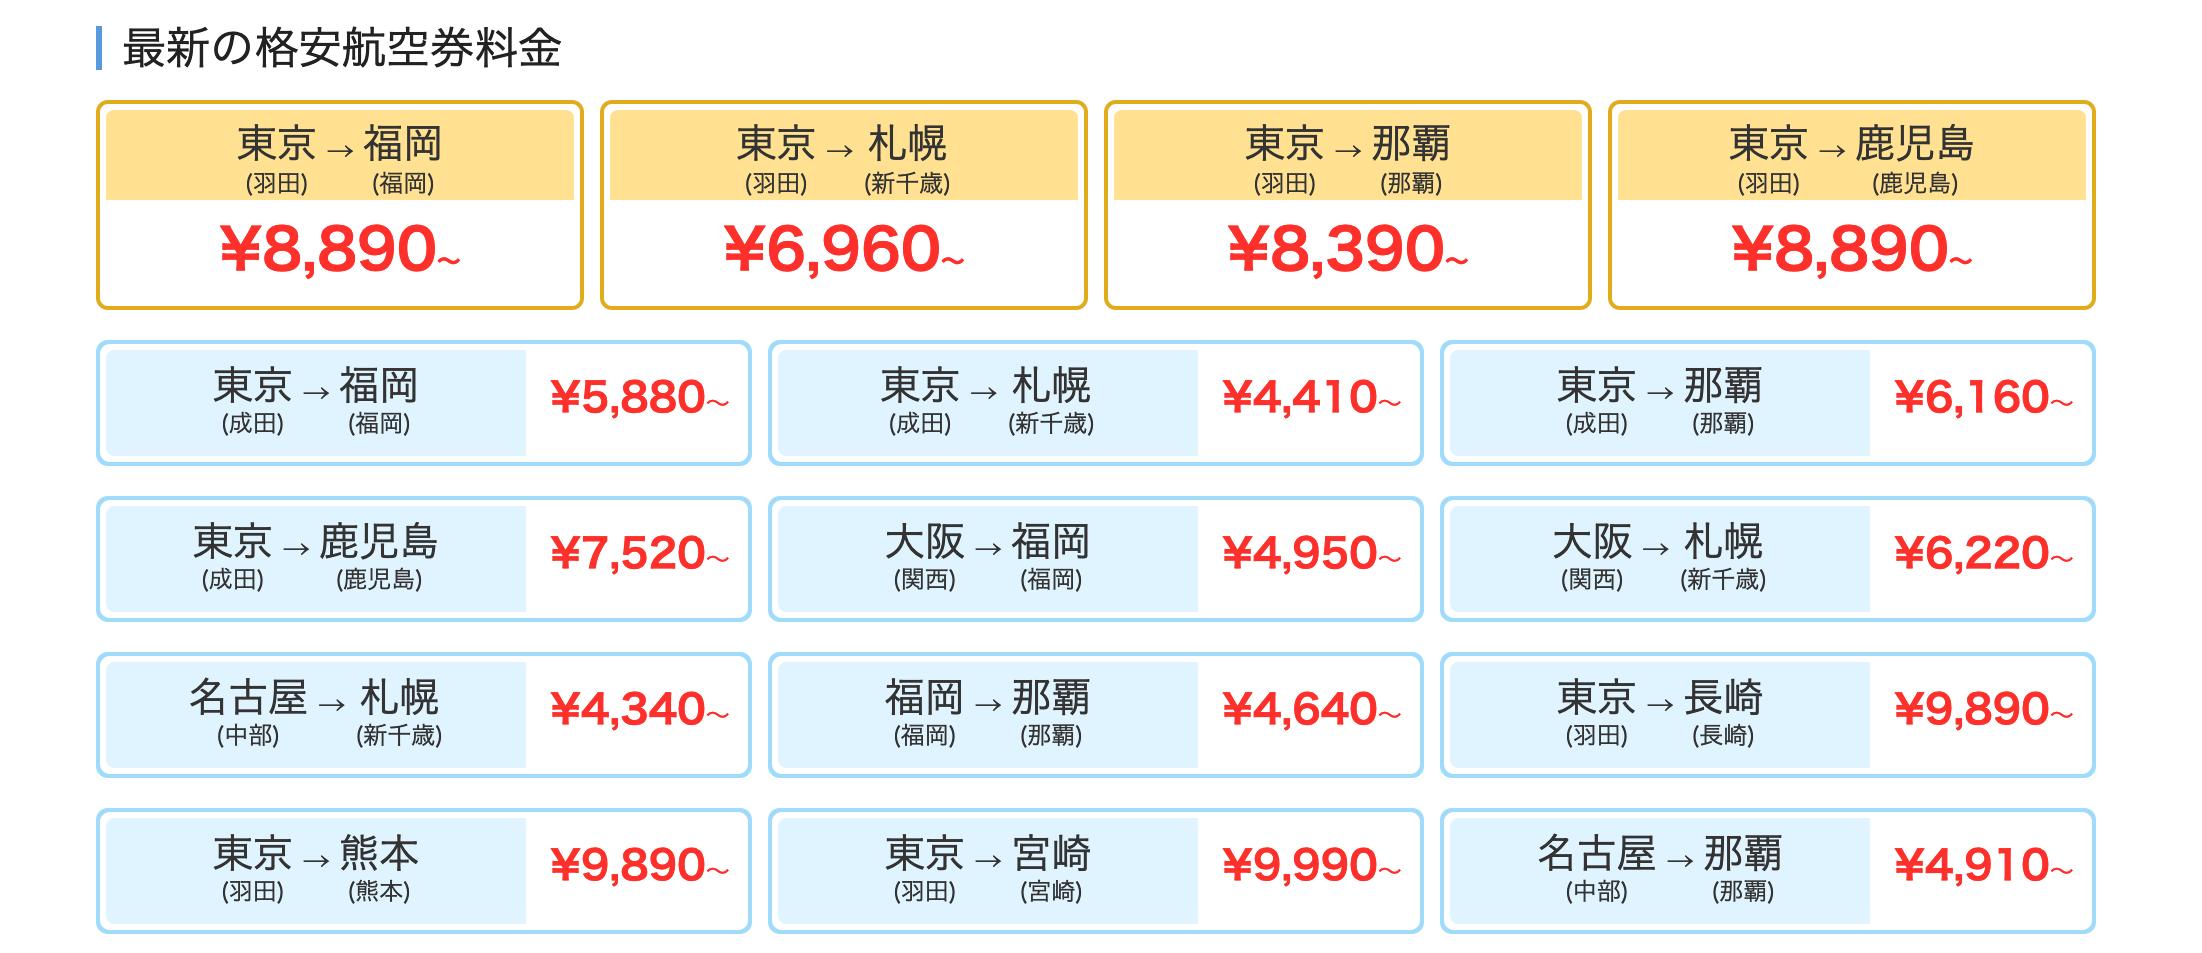 スカイチケットの格安航空券の値段